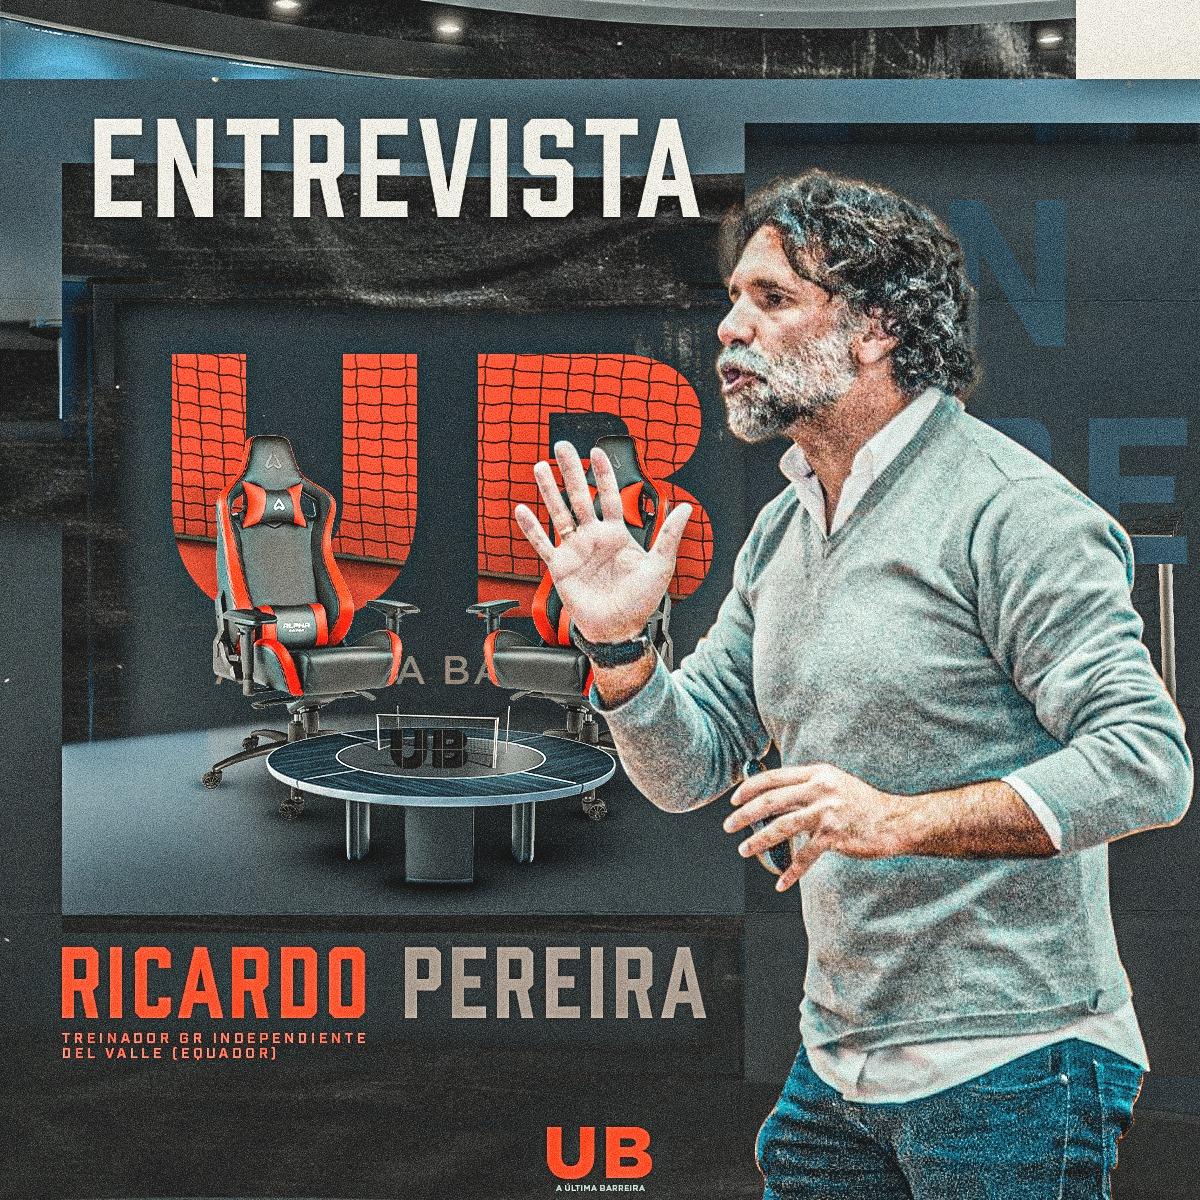 6# Podcast A Última Barreira: Entrevista a Ricardo Pereira (Independiente del Valle)